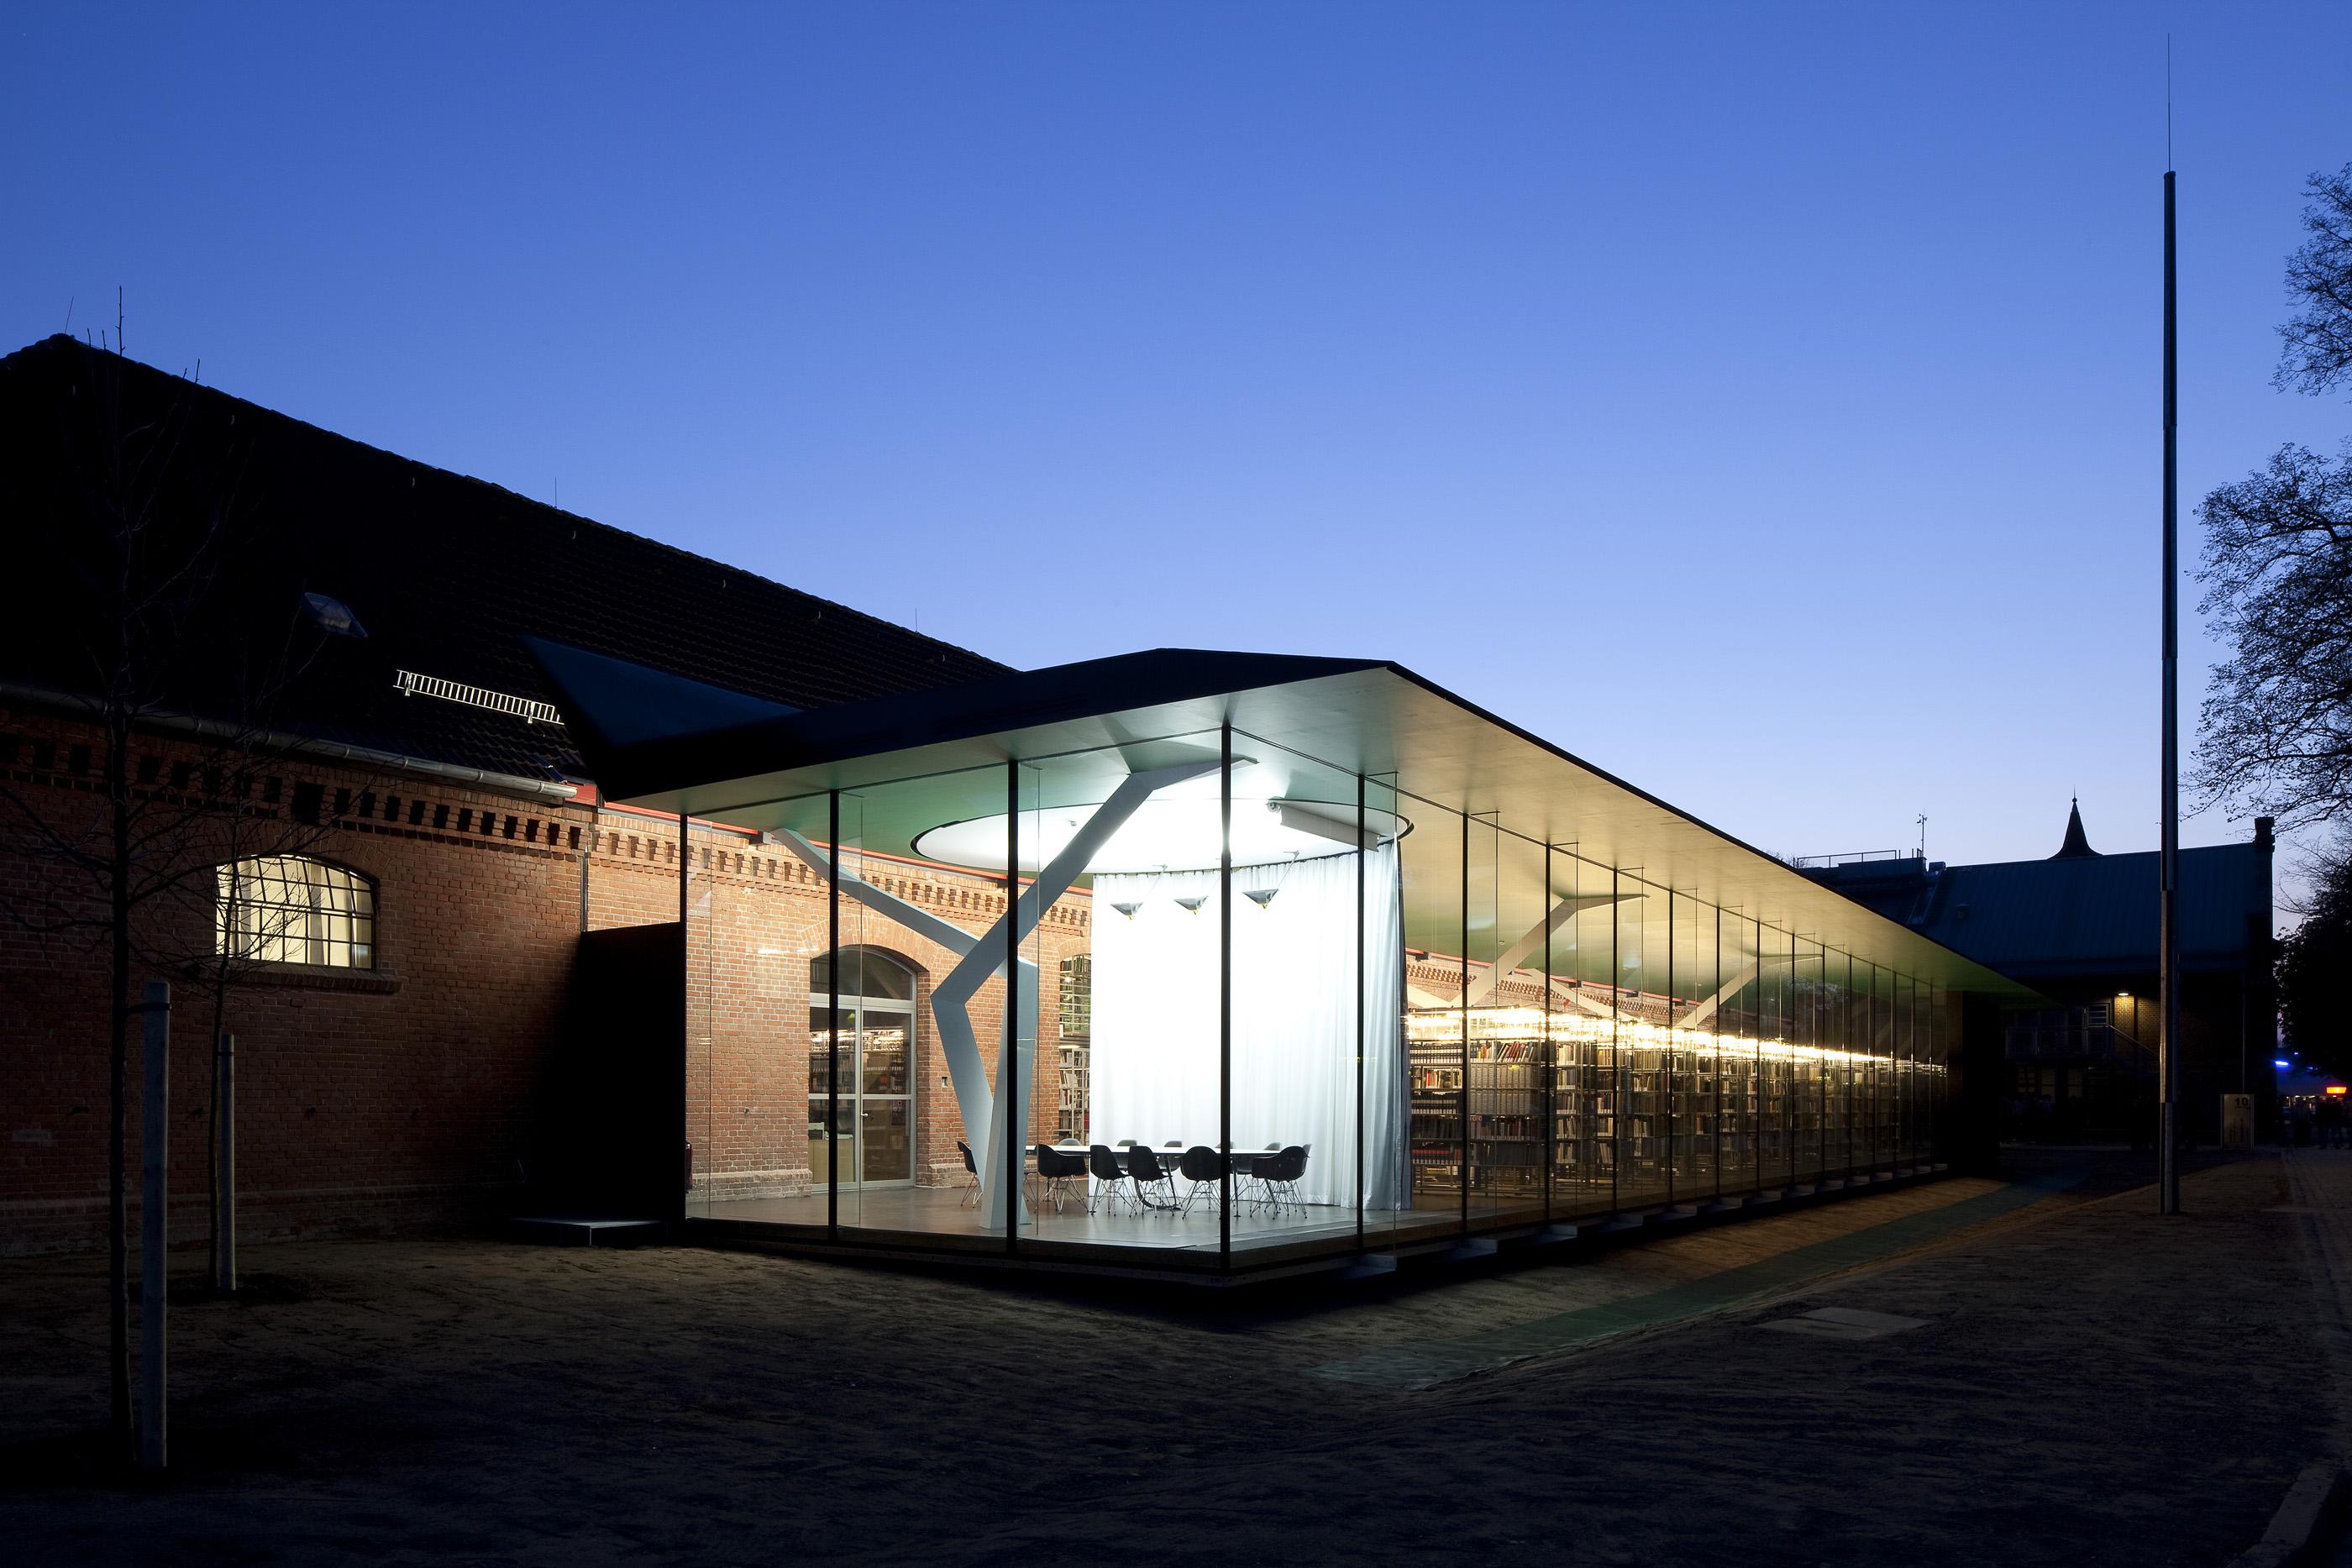 Pressemitteilungen fh m nster - Fh frankfurt architektur ...